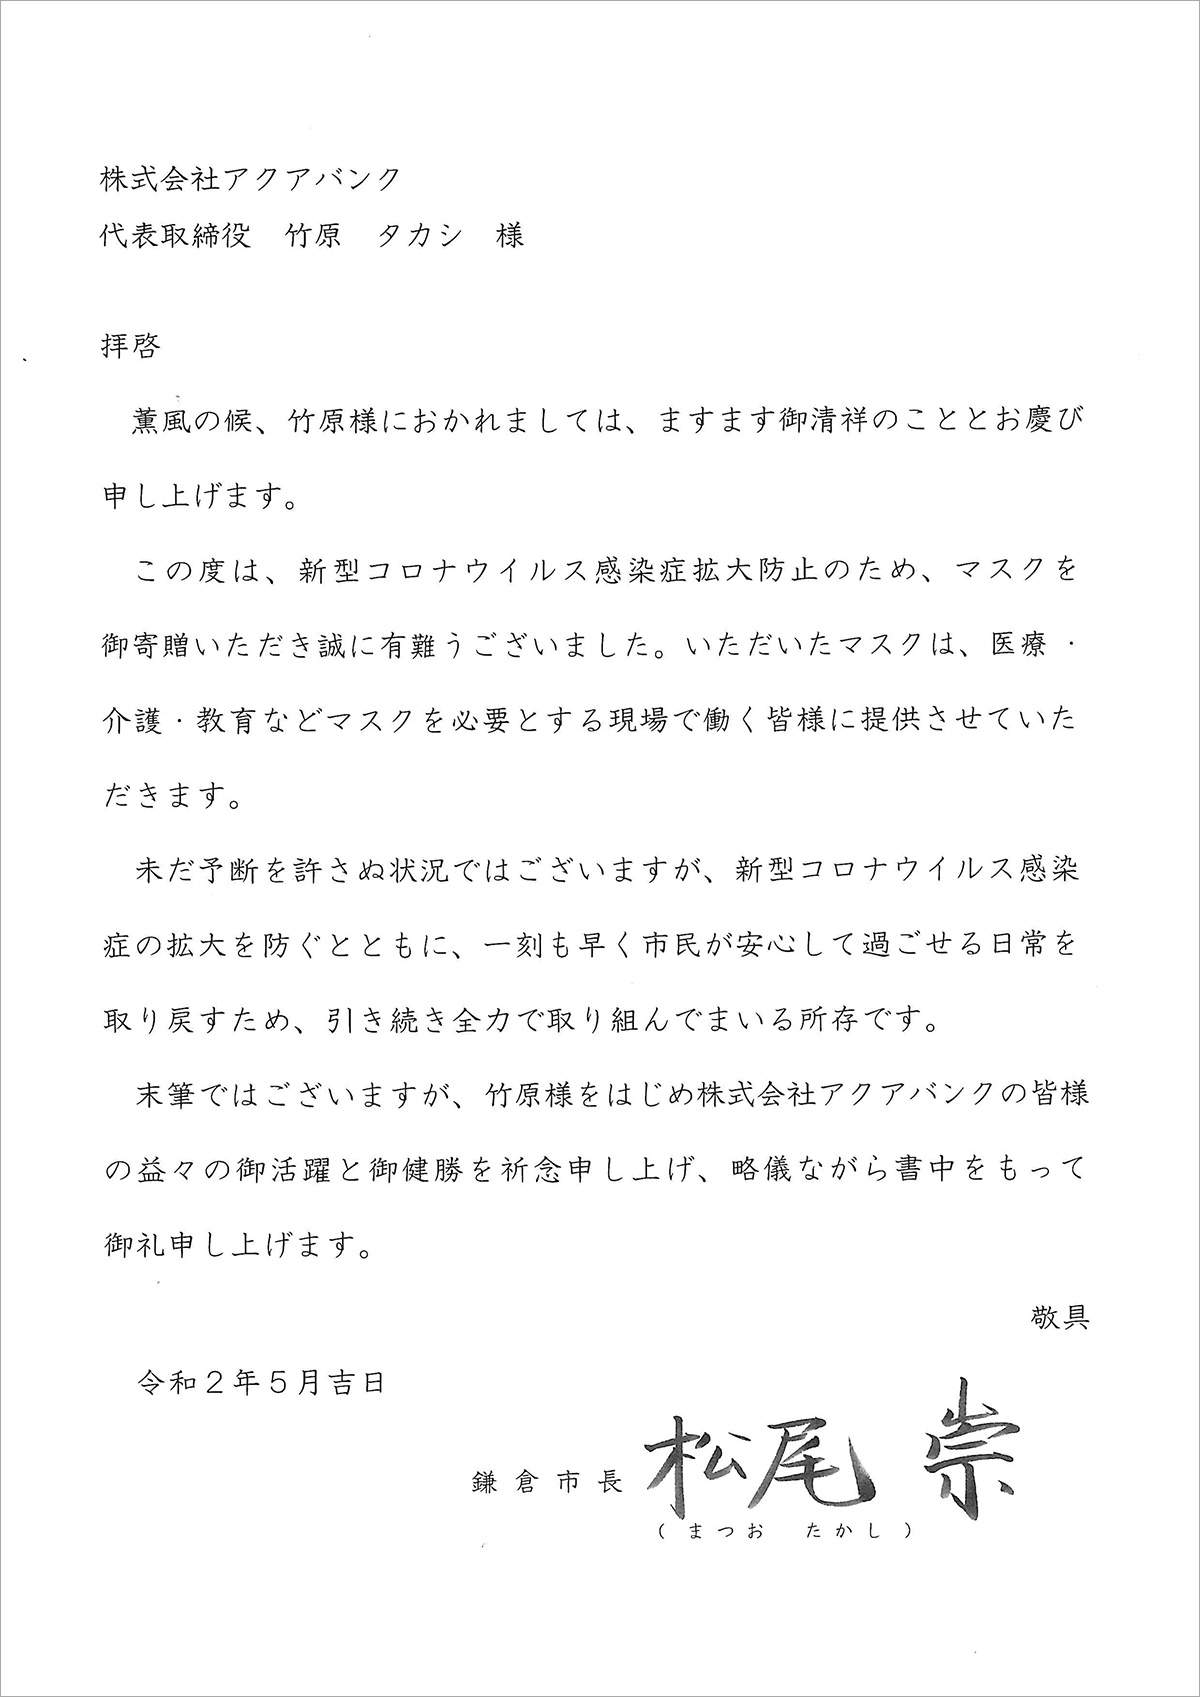 松尾崇 鎌倉市長より頂戴したお礼状